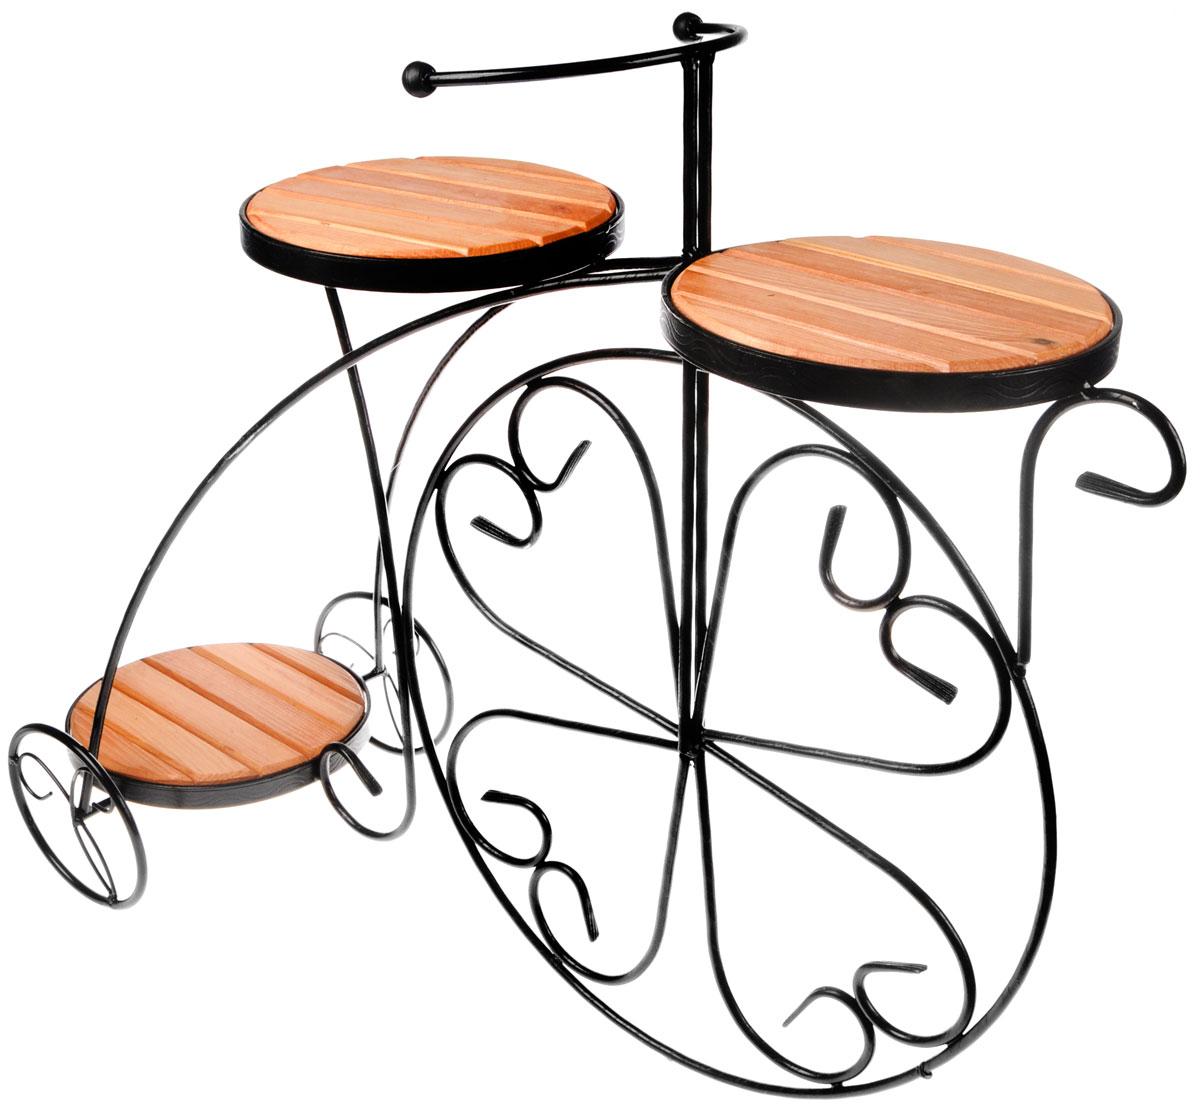 Подставка для цветов Фабрика ковки Велосипед, на 3 цветка, цвет: черный, коричневый. 59-413PANTERA SPX-2RSОригинальная подставка Фабрика ковки Велосипед предназначена для размещения трех цветков, два размещается на верхнем уровне, один на нижнем. Каркас изготовлен из металла, на котором располагаются полки из дерева. Роль ножек исполняют изогнутые прутки, которые сплетаются в форму, повторяющую форму велосипеда, обеспечивая устойчивое расположение цветков. Подставка станет прекрасным дизайнерским решением для украшения дома.Размер подставки: 81 х 32 х 67 см.Диаметр полок: 23 см.